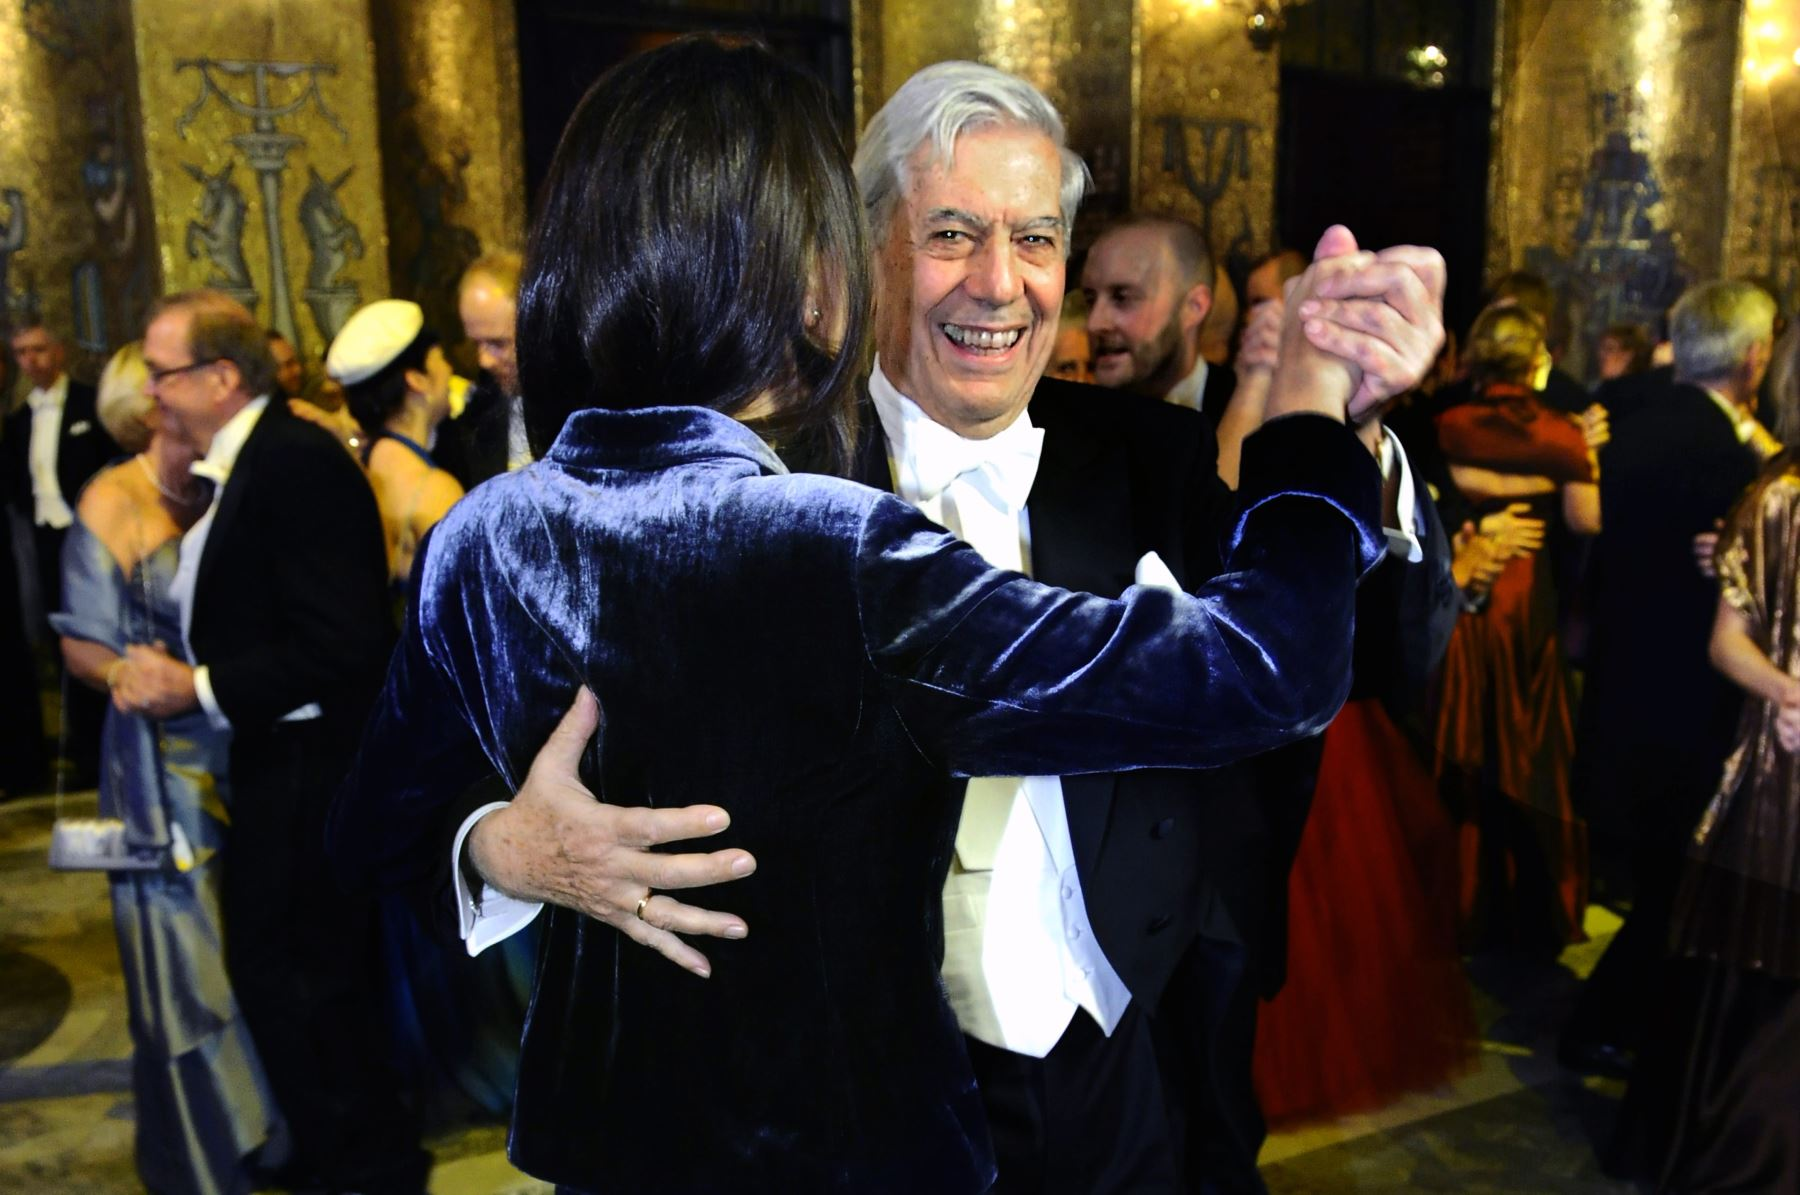 El premio Nobel de Literatura Mario Vargas Llosa baila con una de sus nietas en el Salón Dorado del Ayuntamiento de Estocolmo, luego del banquete Nobel el 10 de diciembre de 2010.Foto: AFP